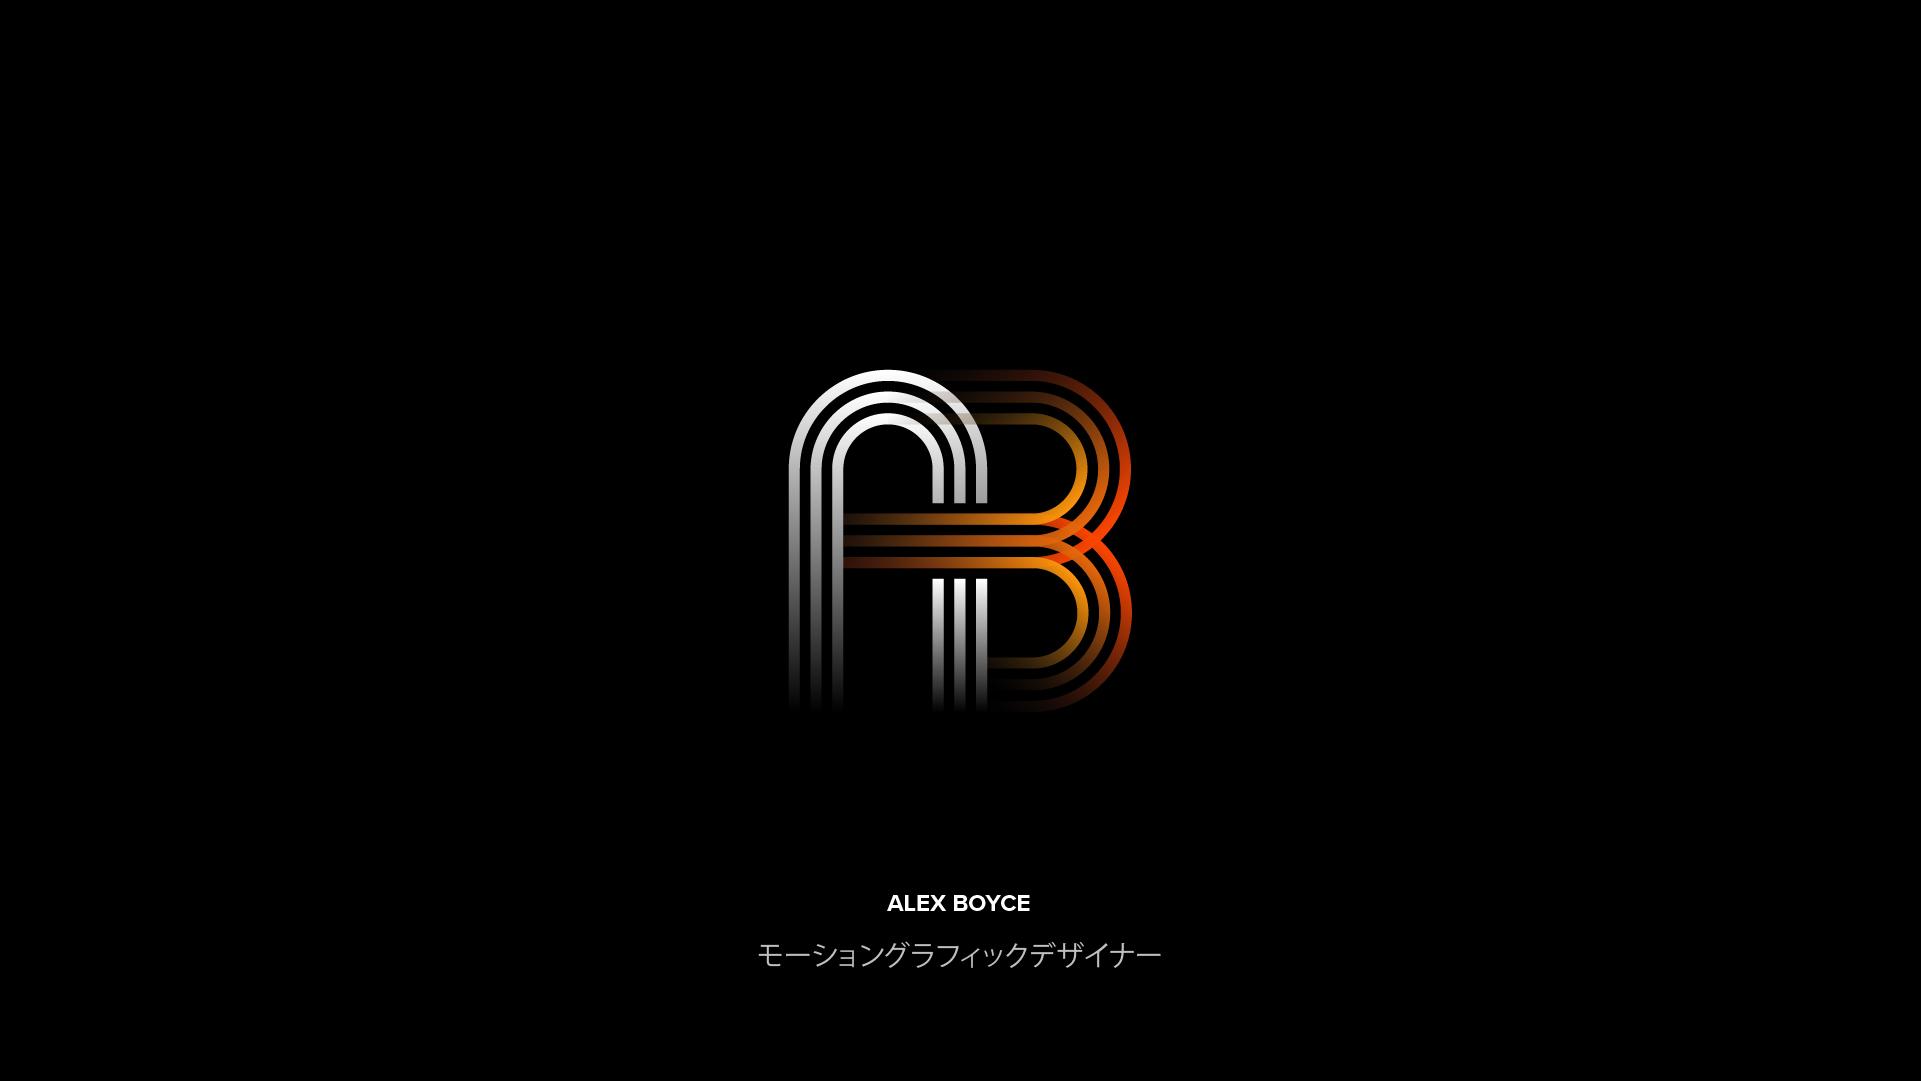 AB_Rebrand_v015-07.jpg